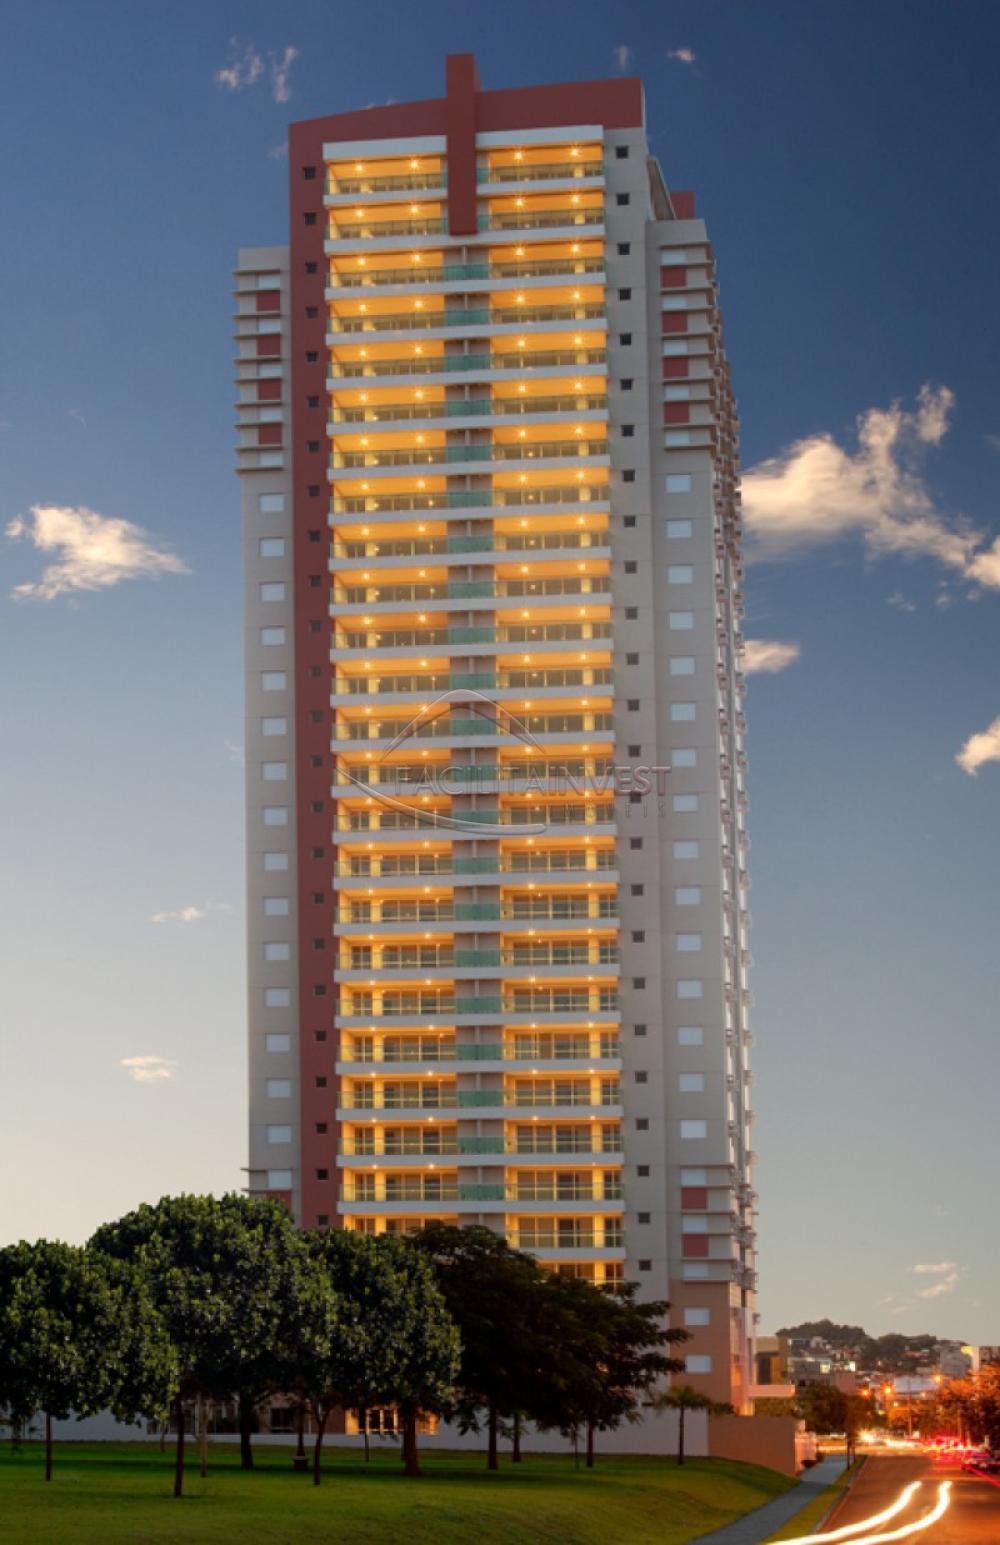 Comprar Apartamentos / Cobertura em Ribeirão Preto apenas R$ 1.750.000,00 - Foto 29